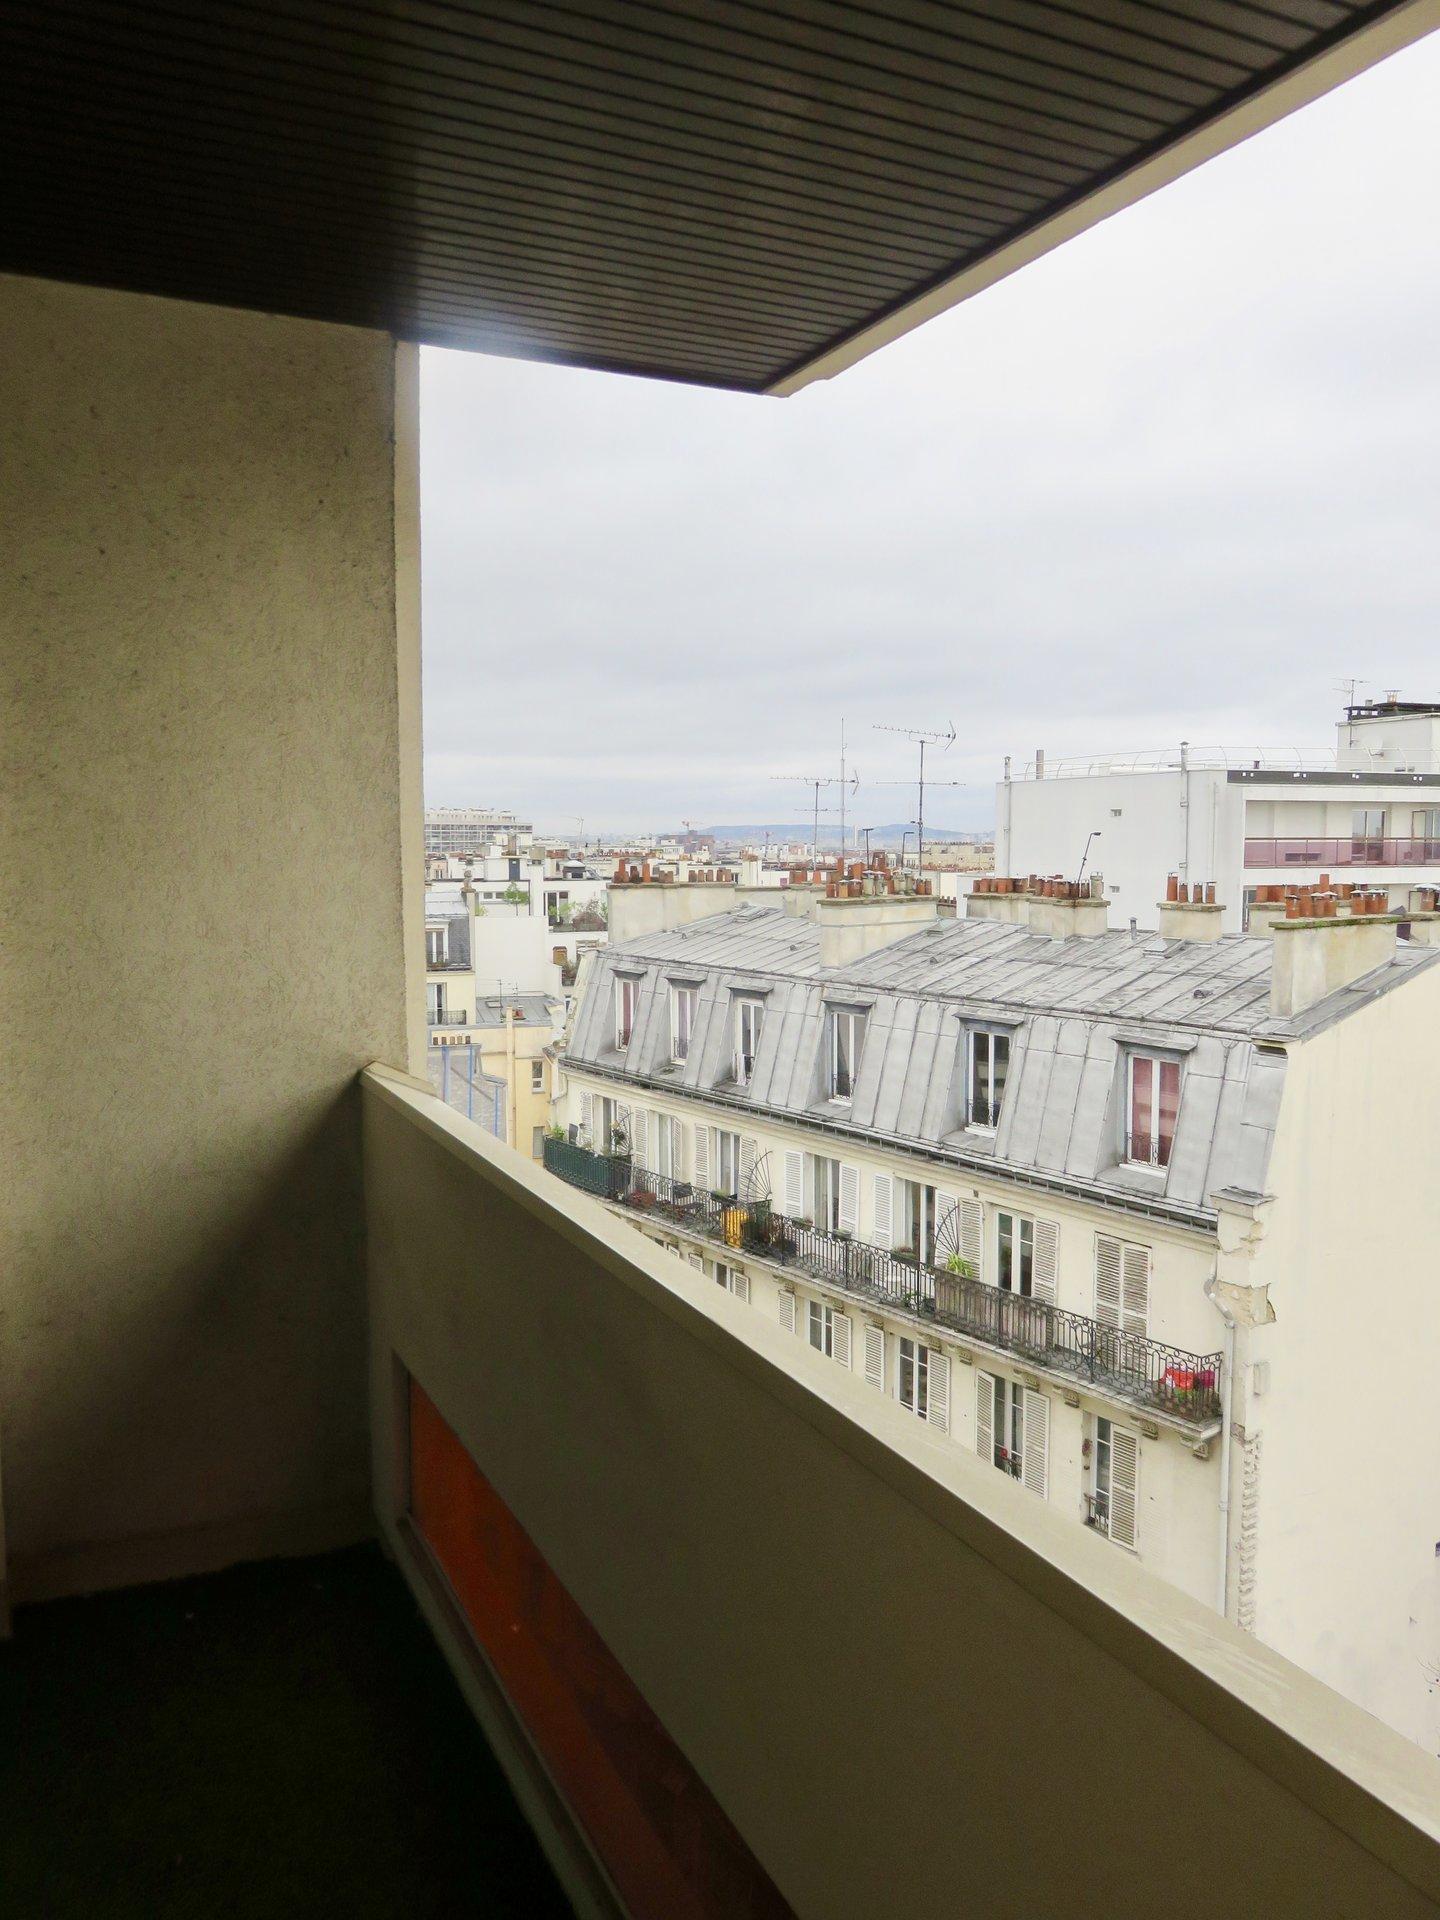 Paris - XVIII ème - M° Lamarck - Caulaincourt - VIAGER LIBRE -STUDIO - ÉTAGE ÉLEVÉ AVEC ASCENSEUR - BALCON - VUE DÉGAGÉE